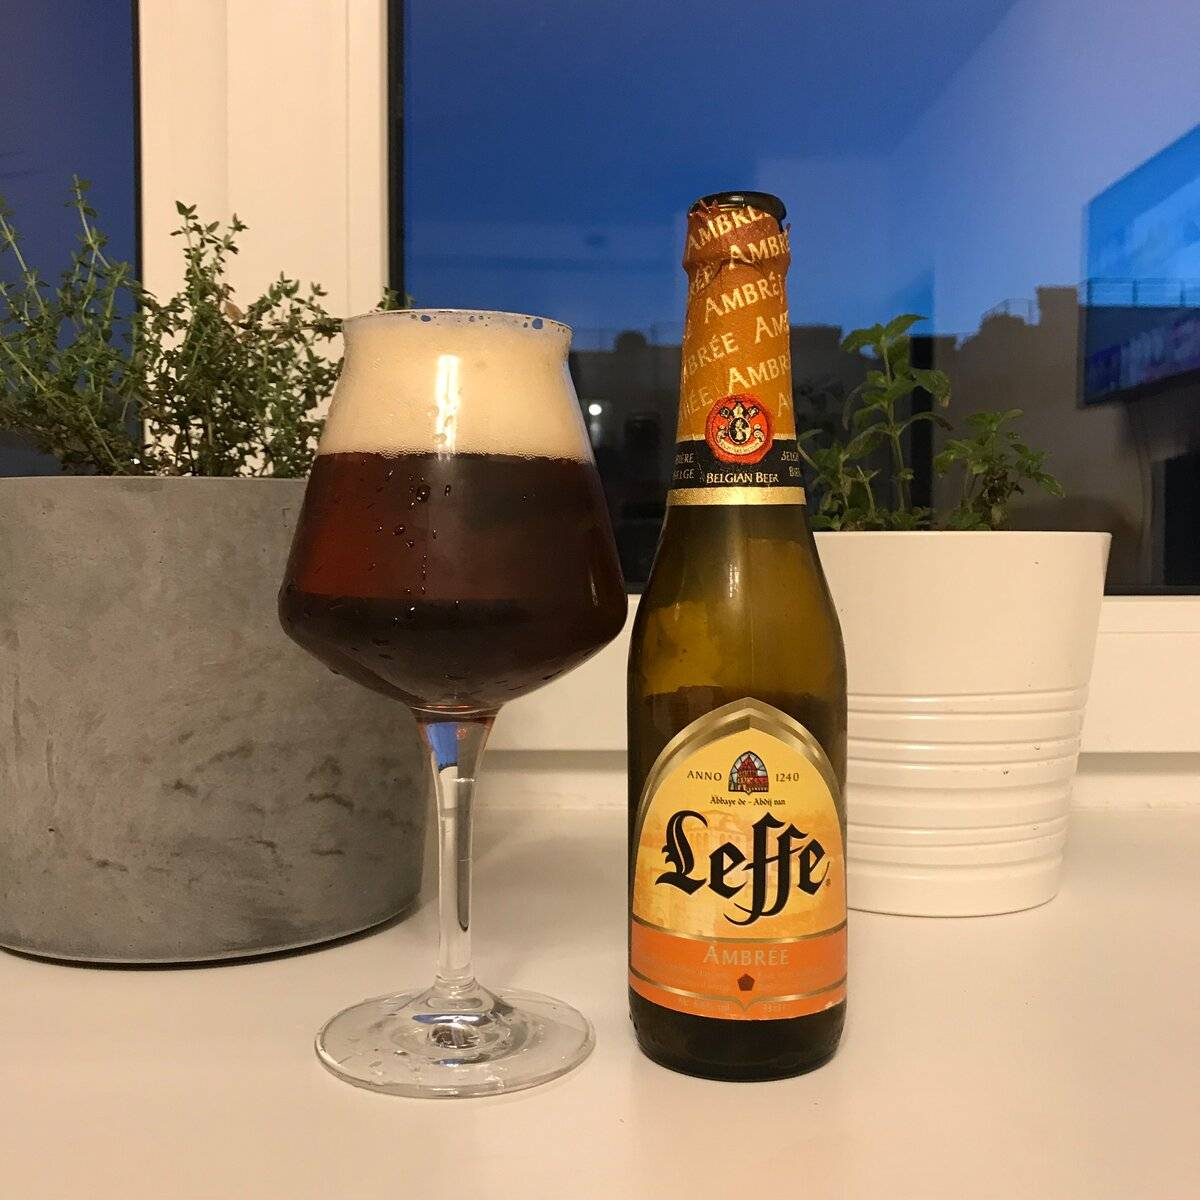 Пиво лёфф (leffe) — описание, история, виды марки